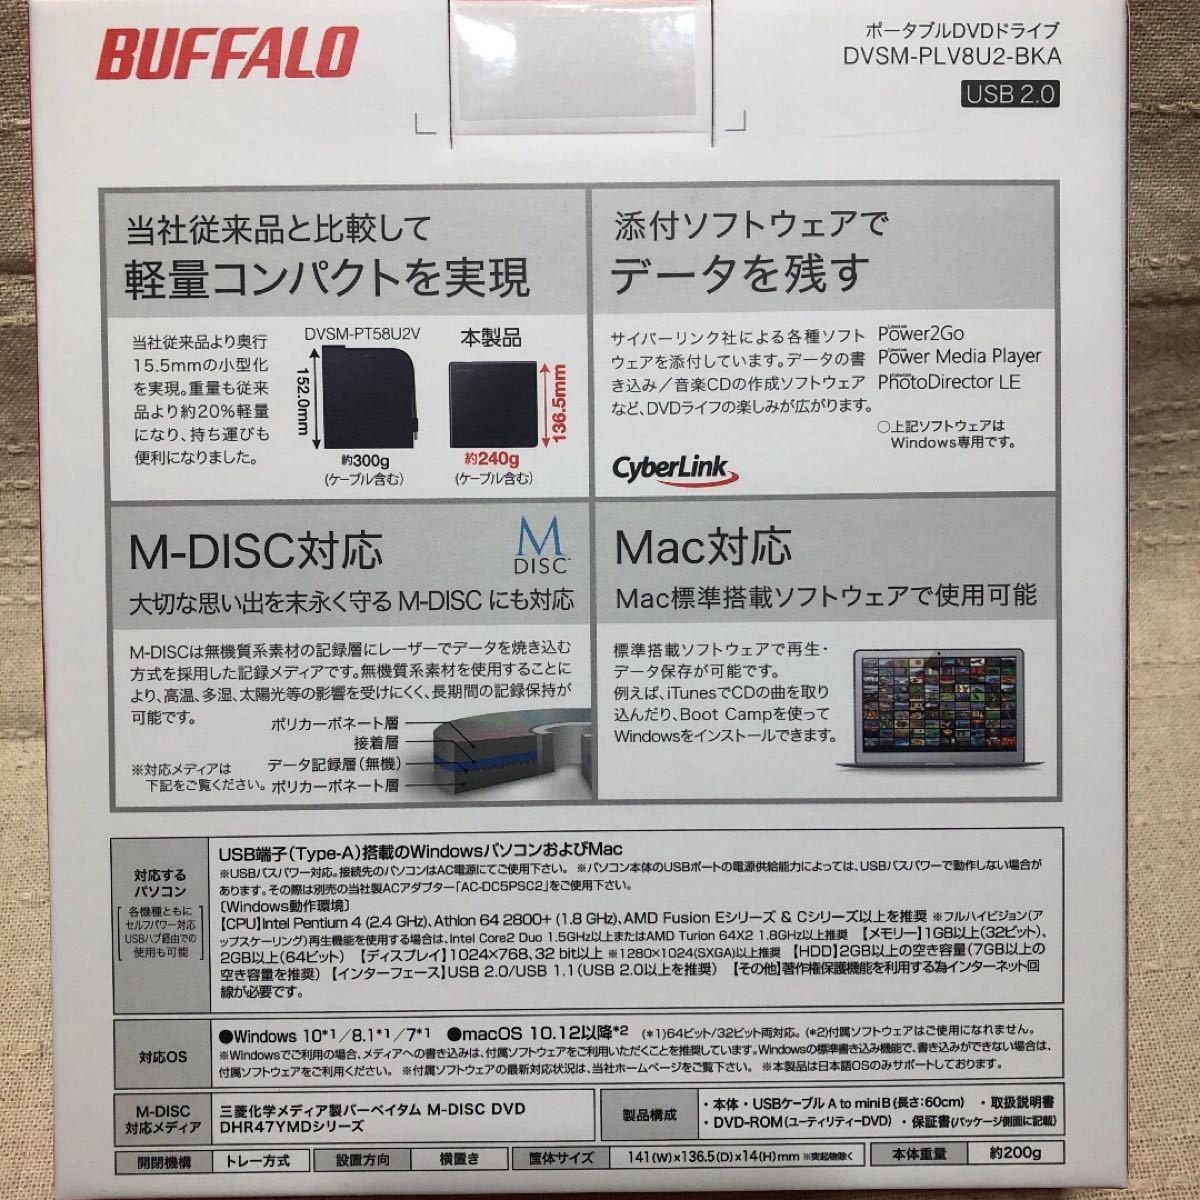 ポータブルDVDドライブ バッファロー DVSM-PLV8U2-BKA